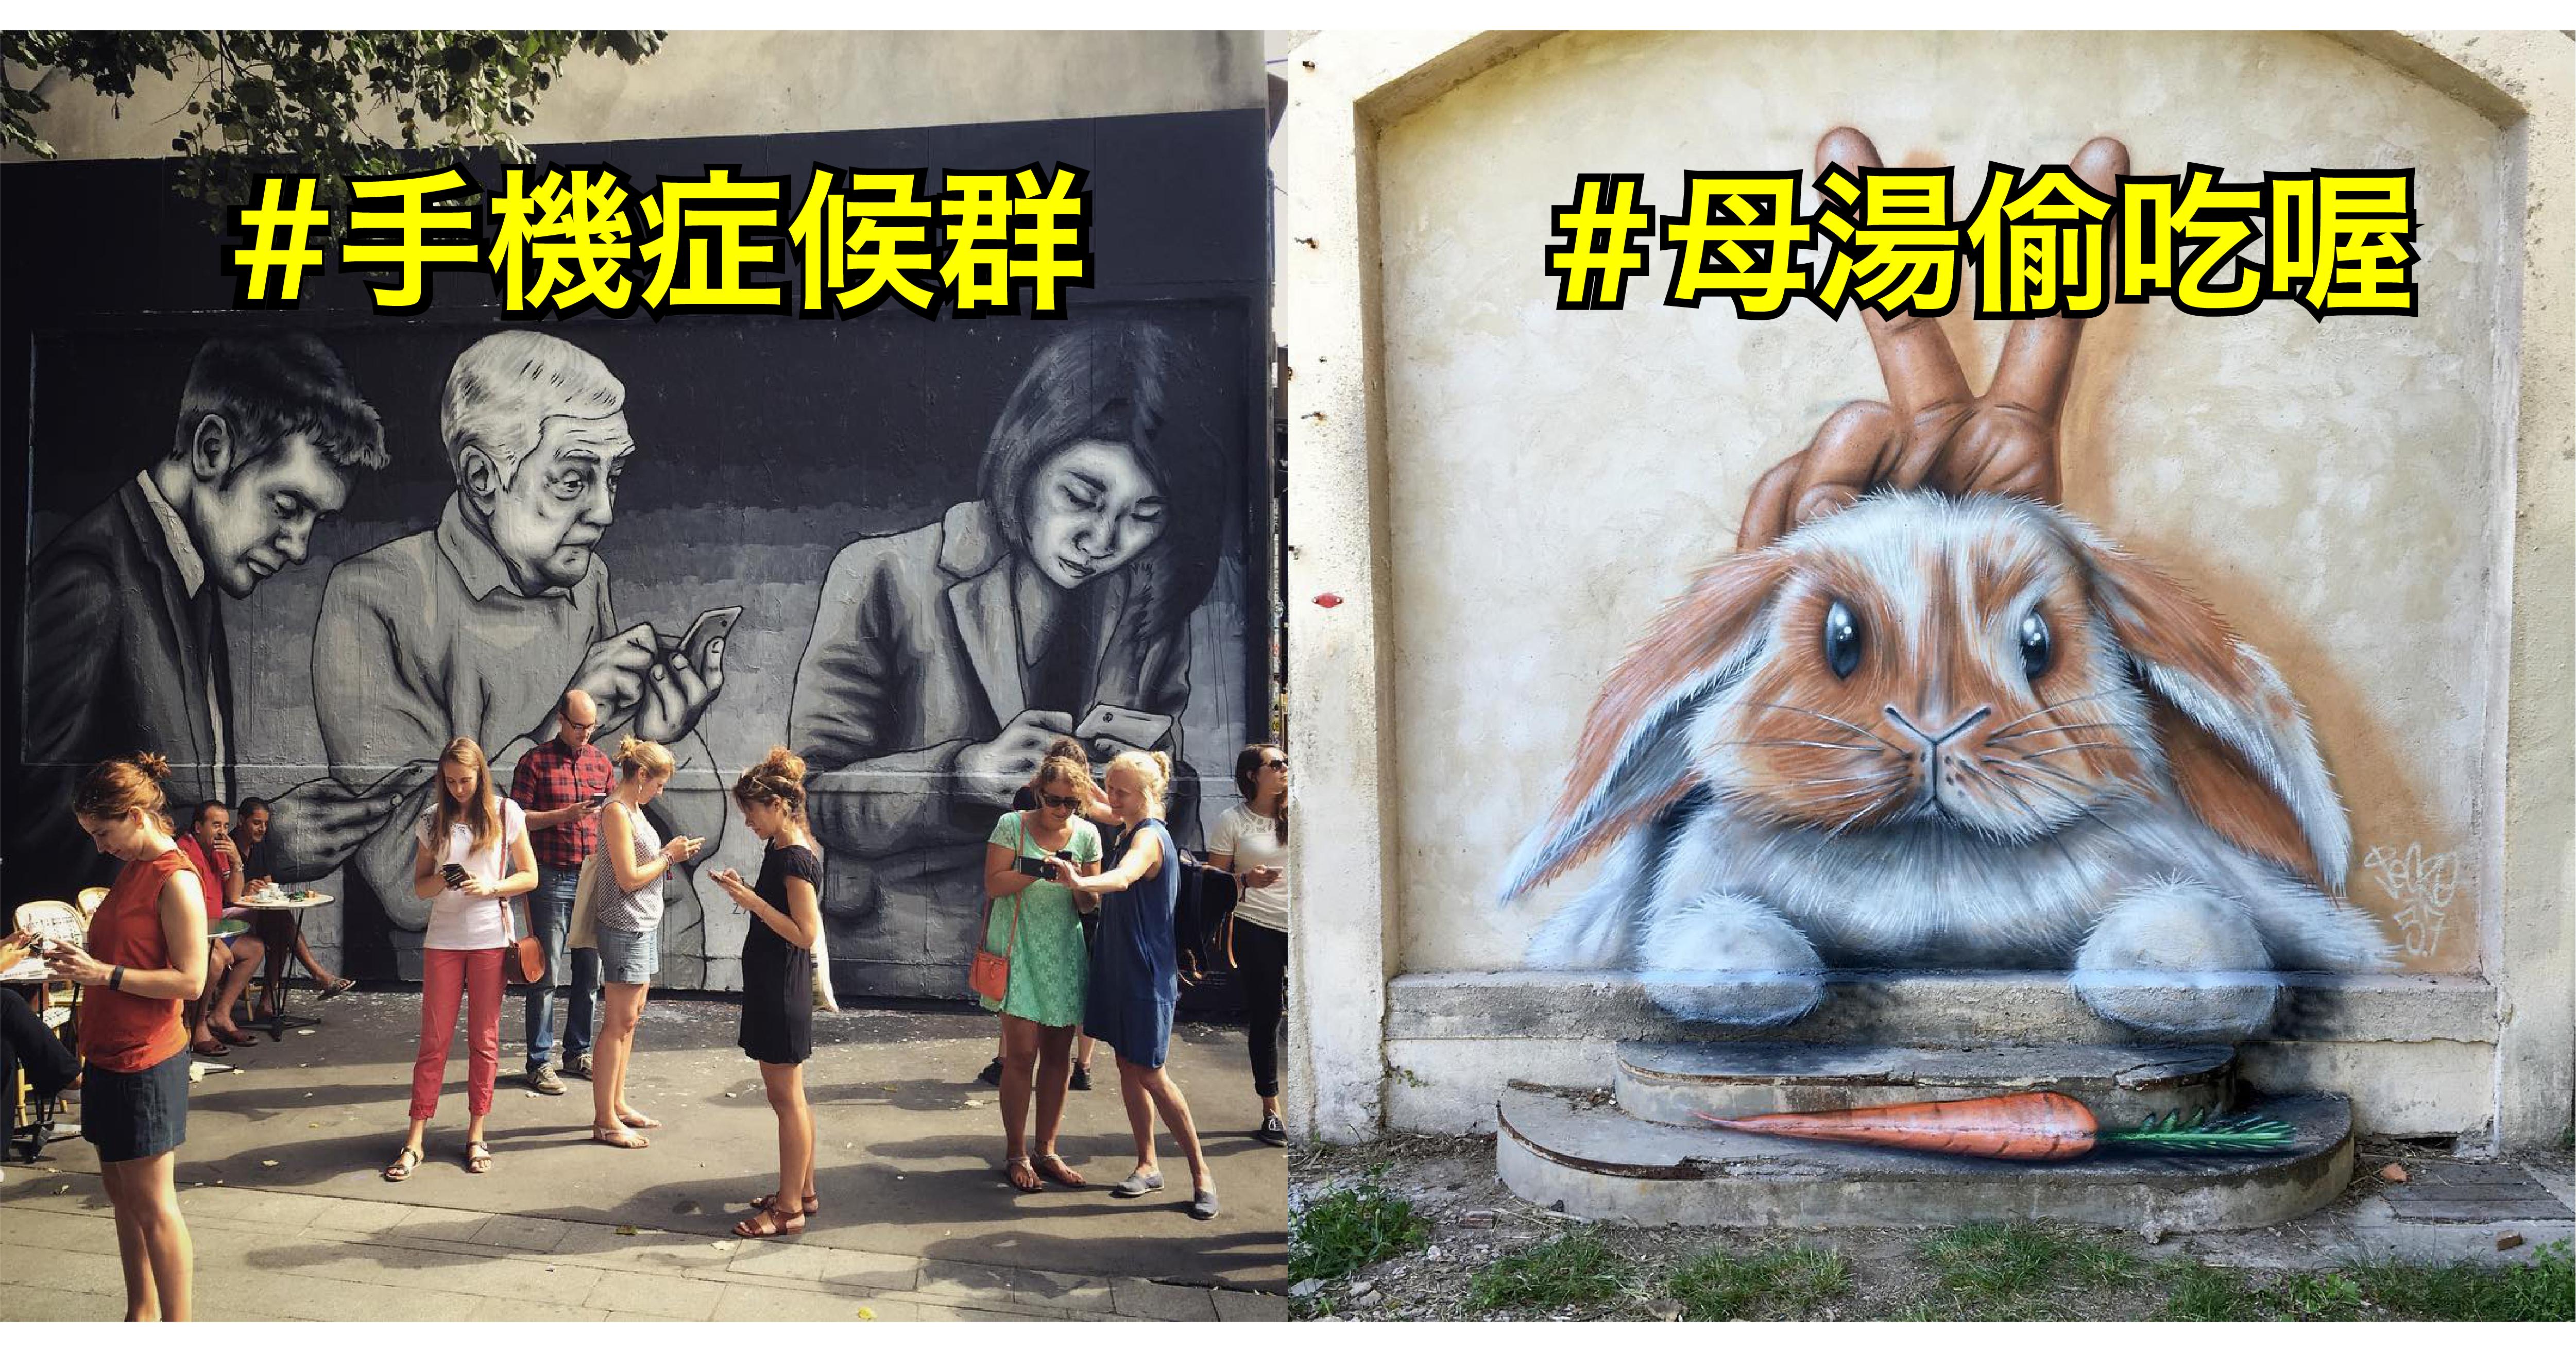 e5b081e99da2 02 8.png - 10張超有梗的街頭藝術!看到最後 ... 只想跪求藝術家也來幫我家大樓塗鴉一下啦~